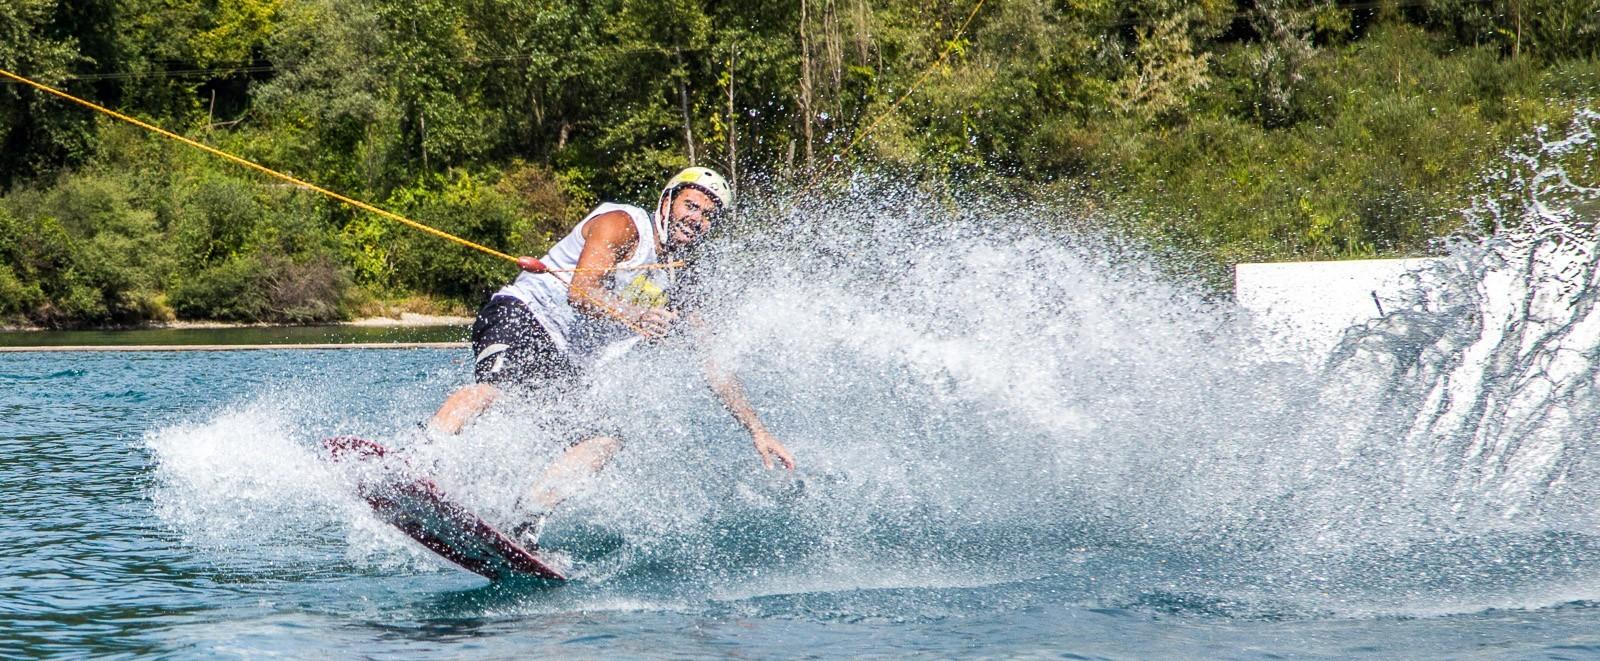 Italia - L'intrattenimento di base WAM PARK - Sport acquatico in Francia